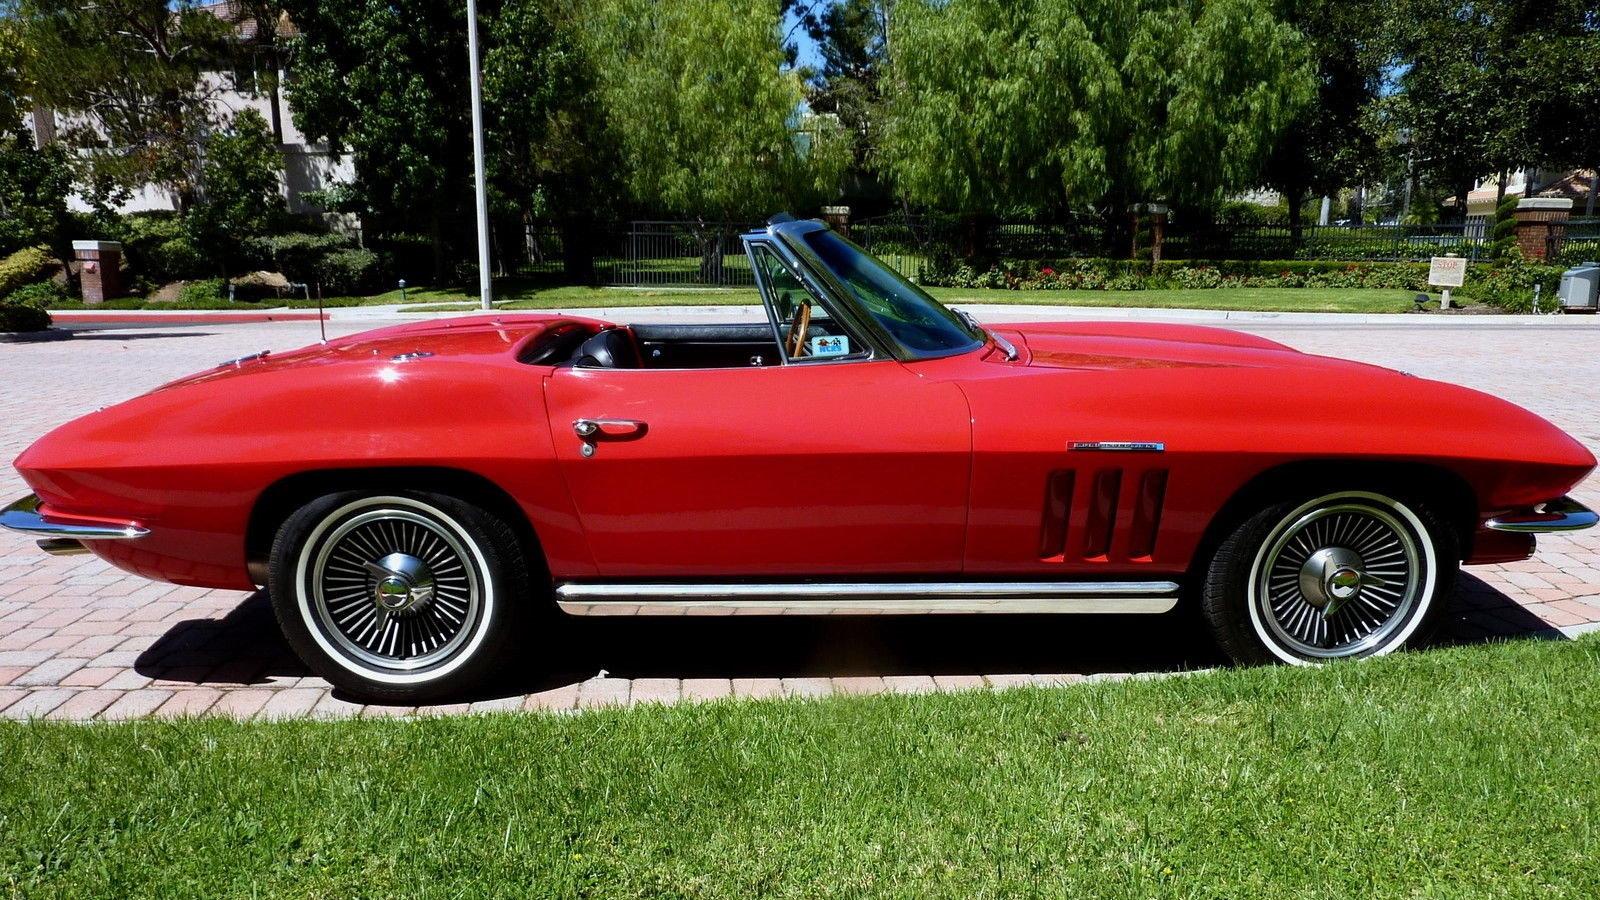 1965 Chevrolet Corvette - $90,000